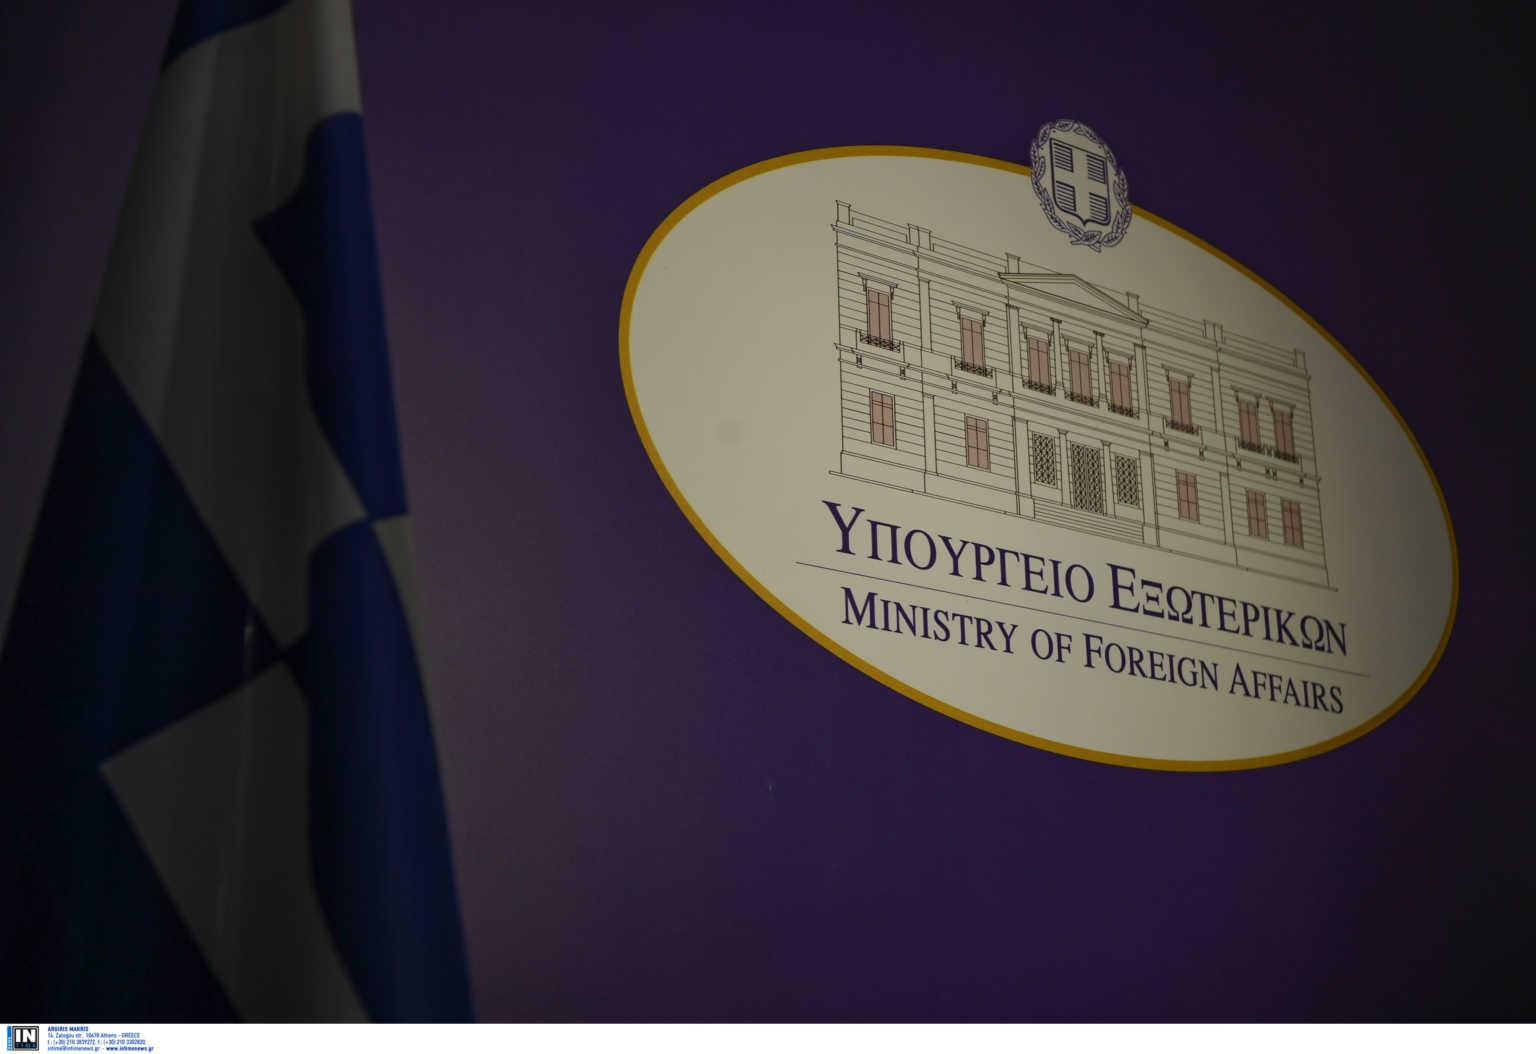 Οργή της Ελλάδας για τη νέα τουρκική NAVTEX – Οι επόμενες κινήσεις του ΥΠΕΞ